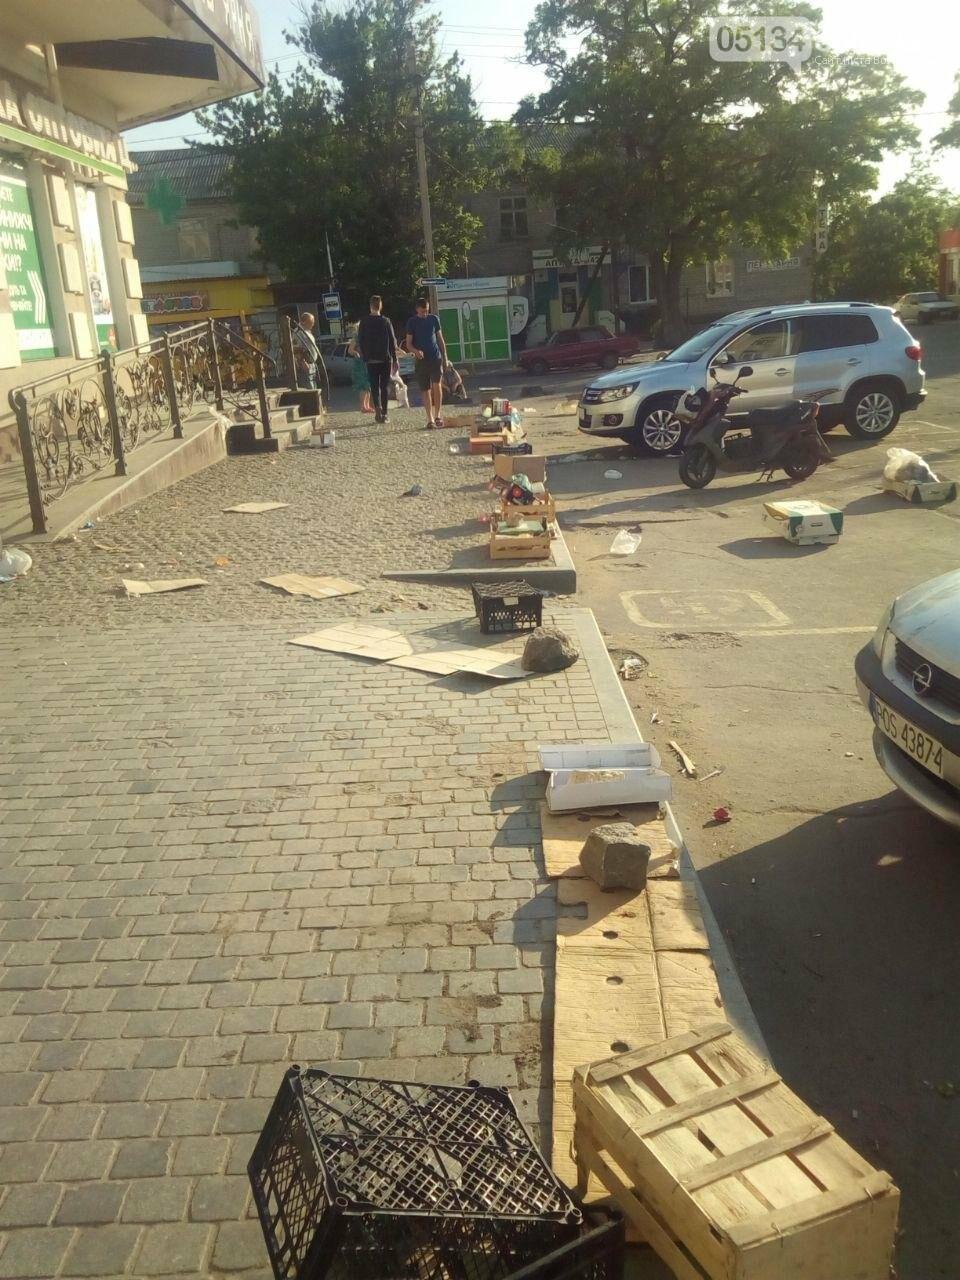 Засмічений тротуар та жахливий безлад: наслідки діяльності стихійного ринку у Вознесенську, - ФОТО, фото-2